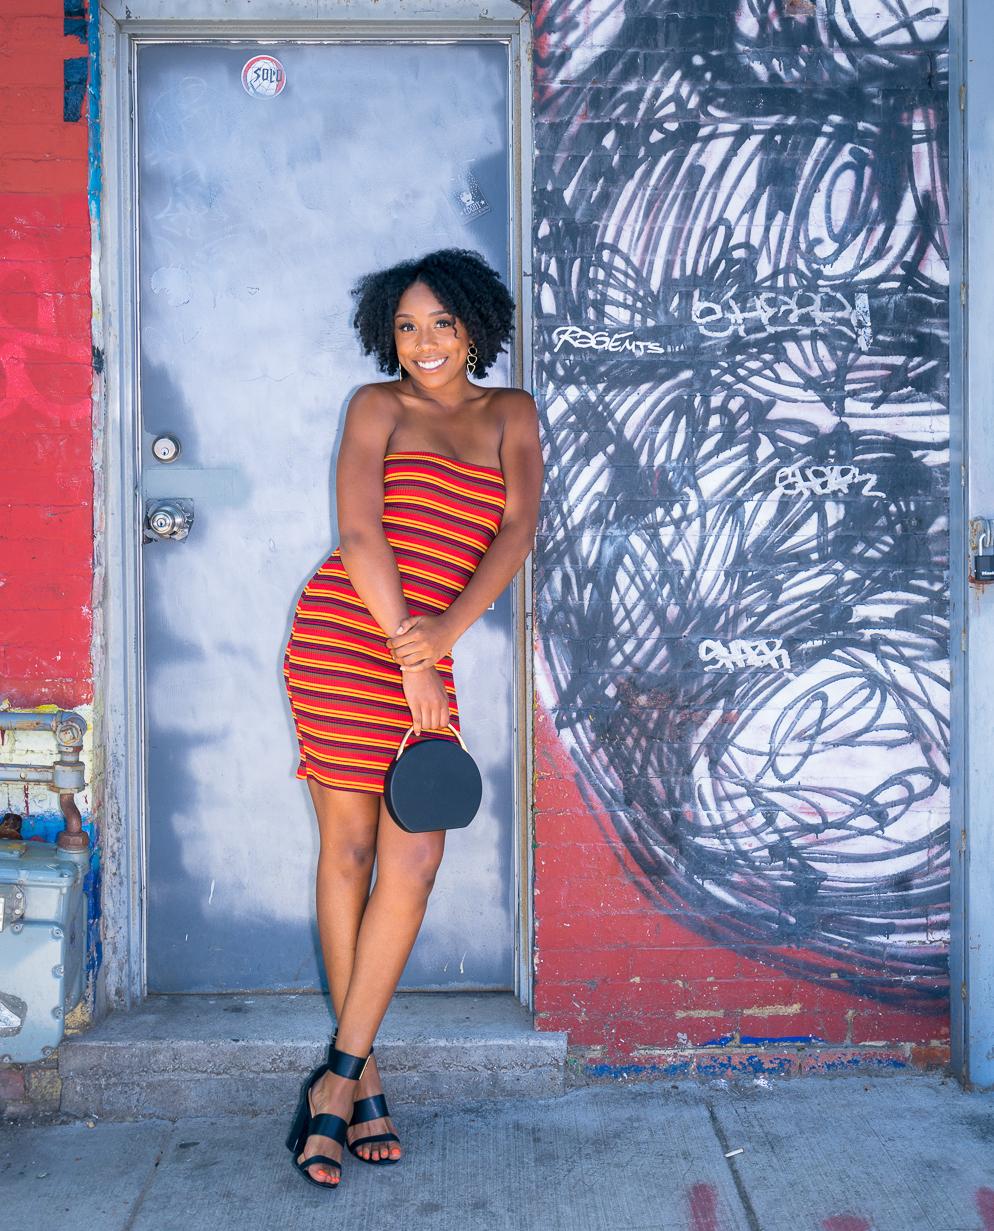 On Kandace: Striped Dress ($46.50)